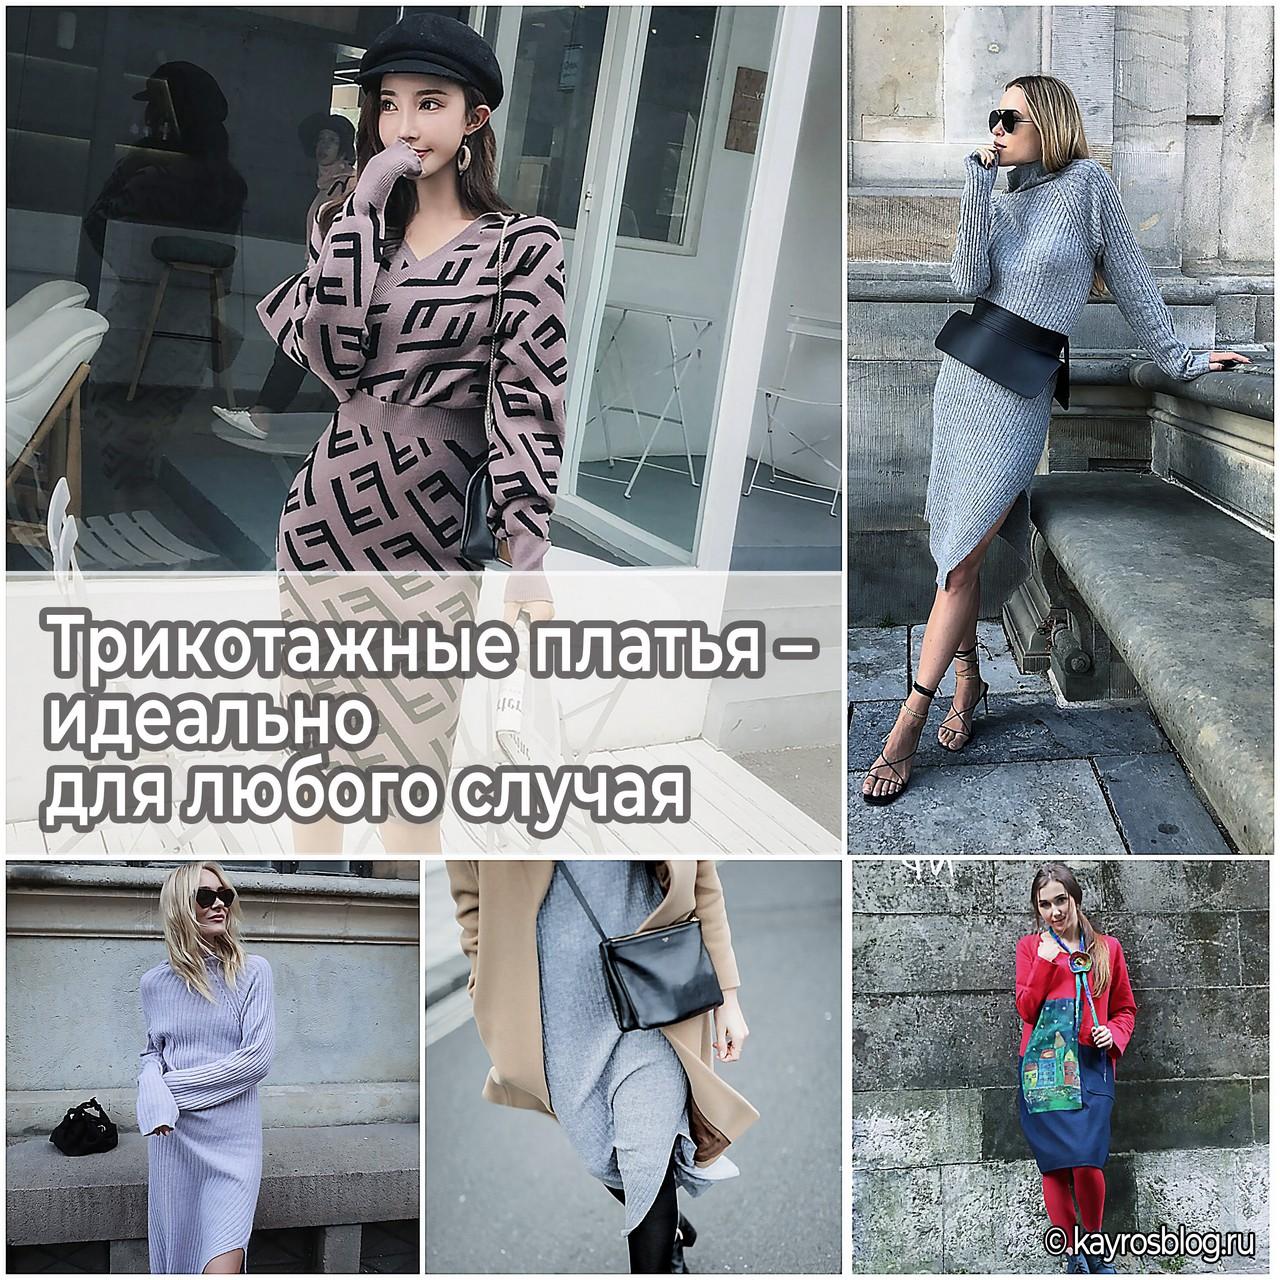 Трикотажные платья – идеально для любого случая